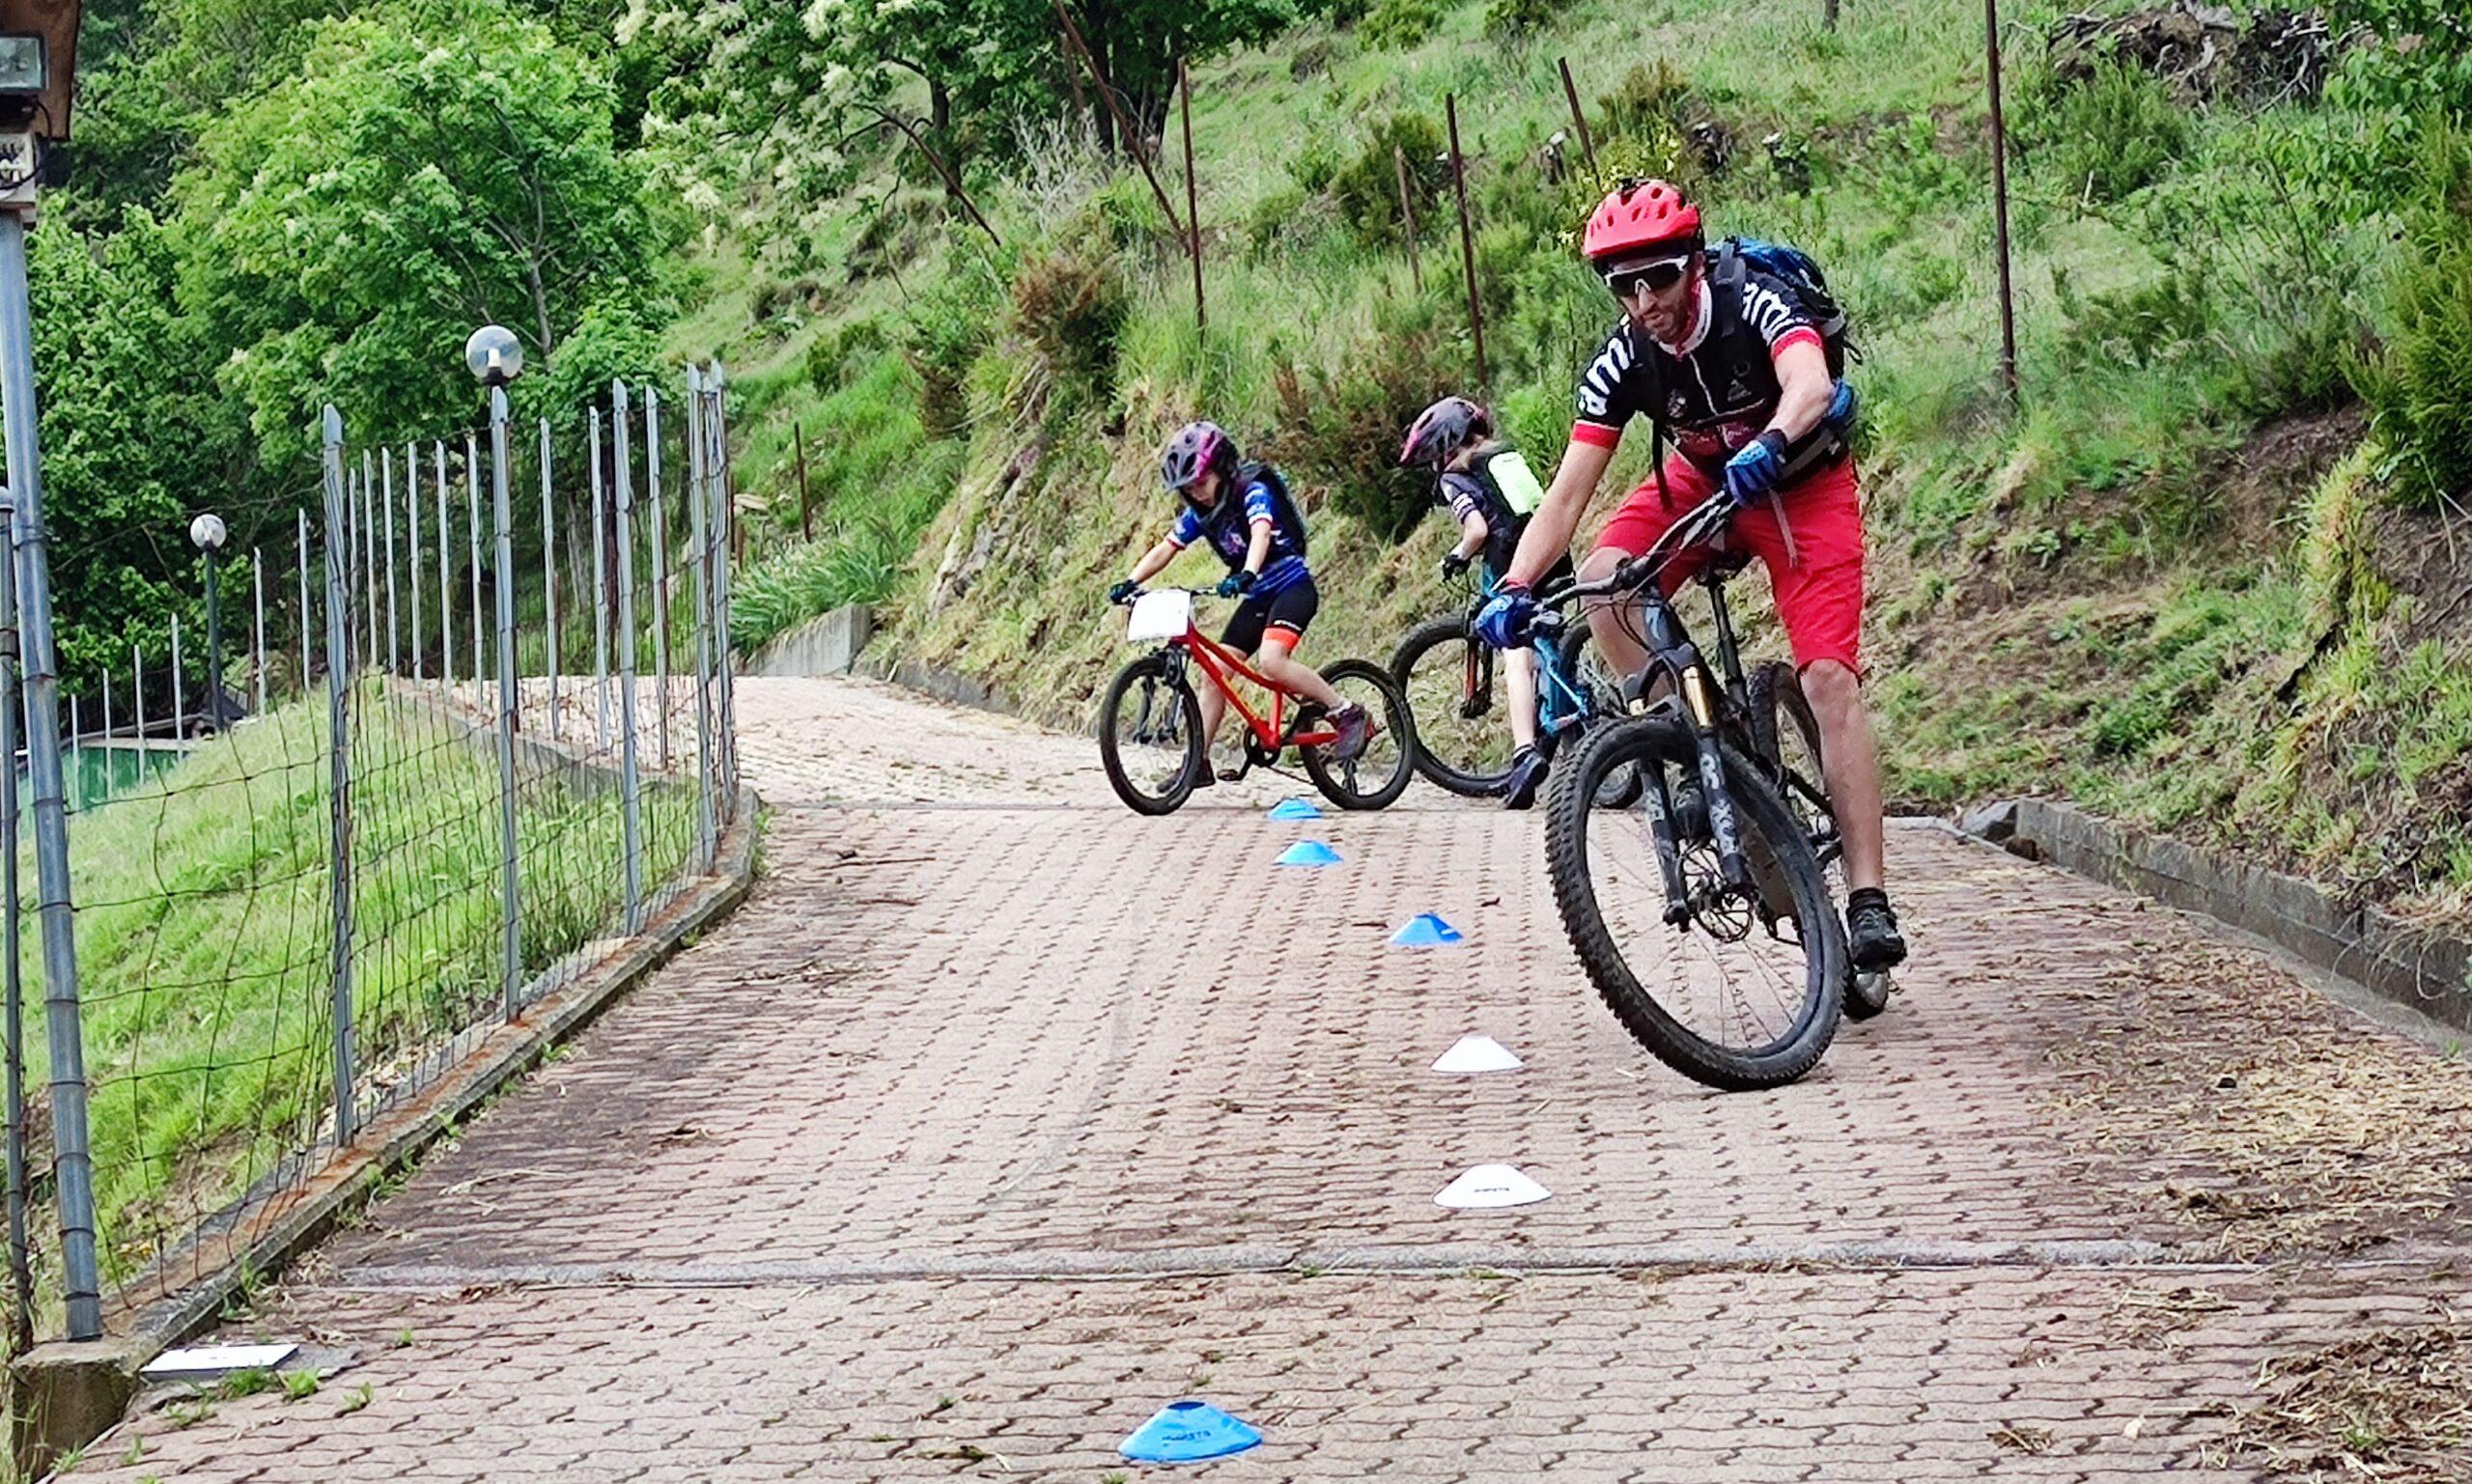 31 Luglio 2021 – Lezione di mountain bike ed ebike per adulti